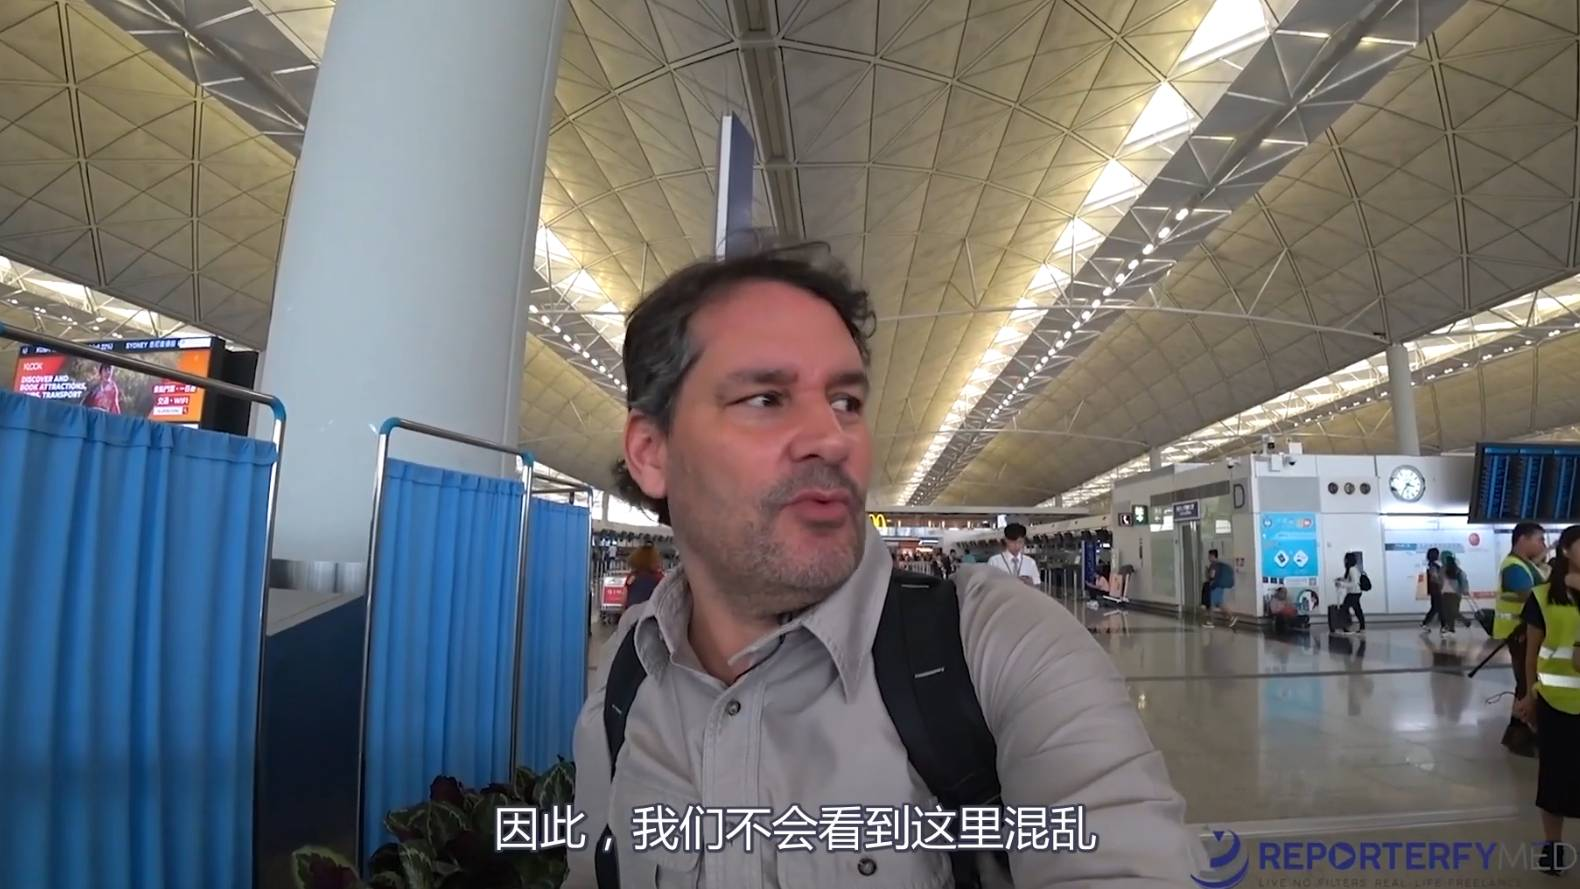 【中文字幕】EP10: 老外路过HK回国 看到罕见的一幕【老外呈现最真实的中国给西方世界 深圳篇】